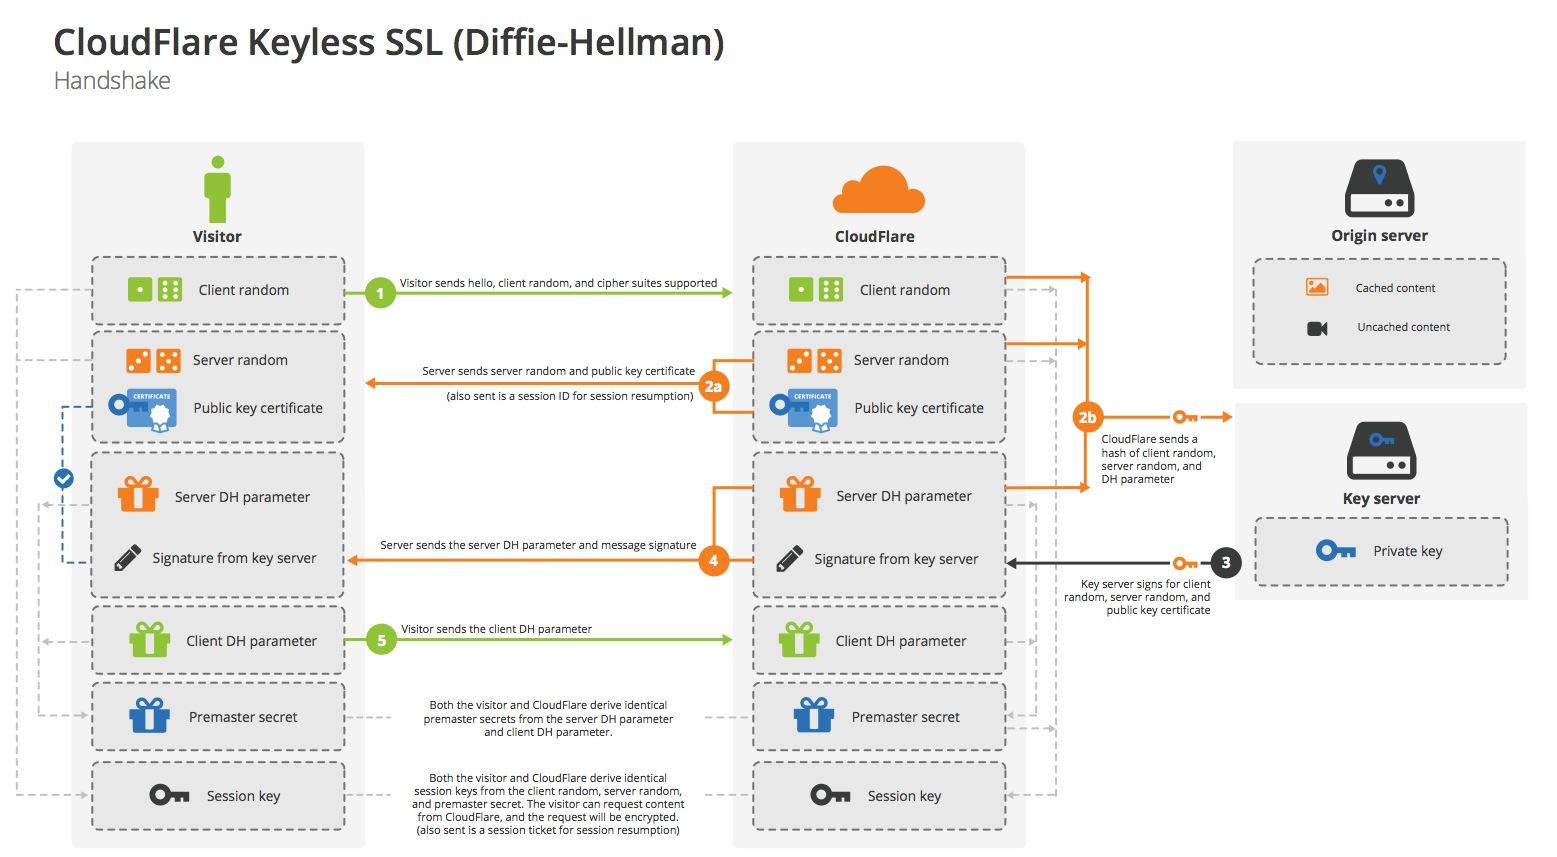 Keyless SSL handshake with Diffie-Hellman